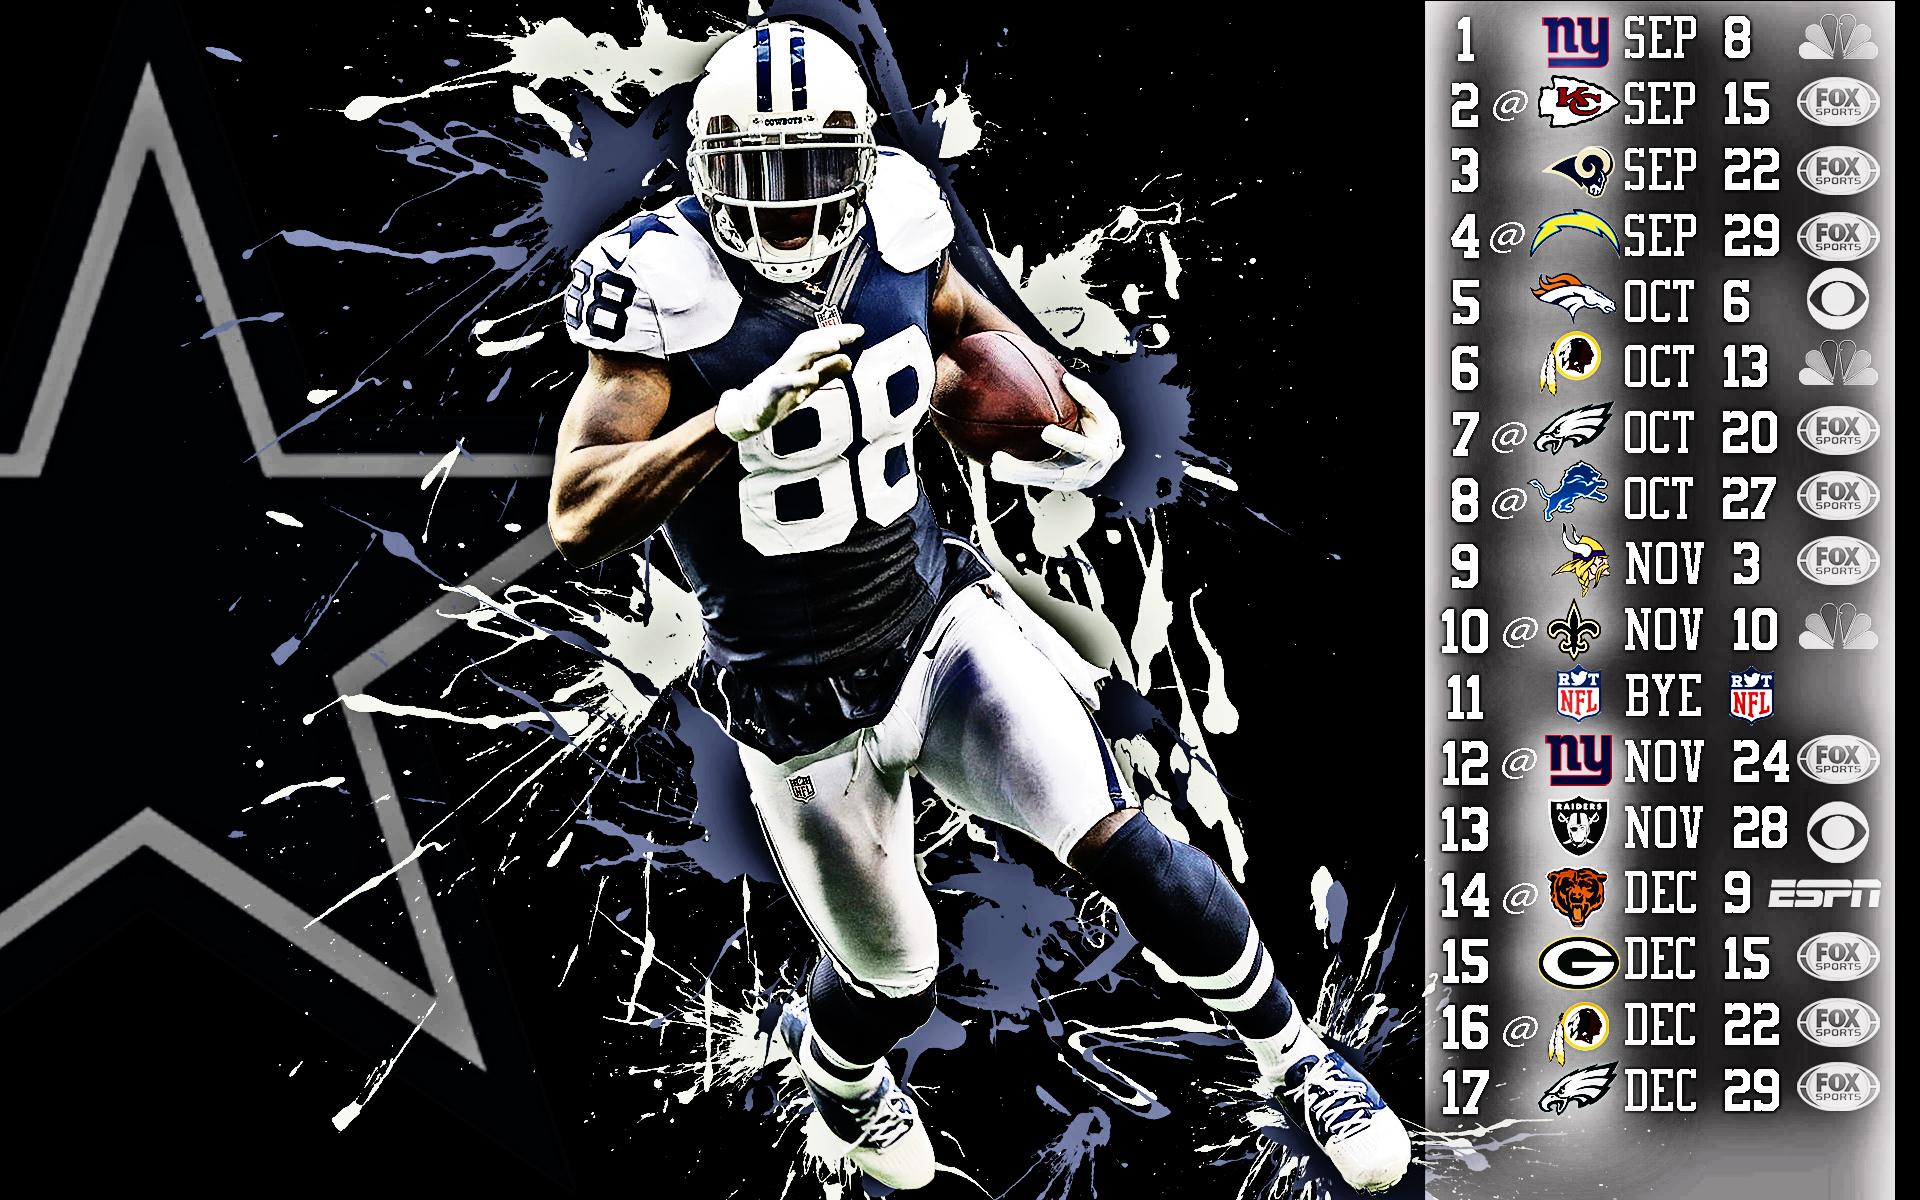 Dallas Cowboys Wallpaper 2020   1920x1200   Download HD Wallpaper 1920x1200